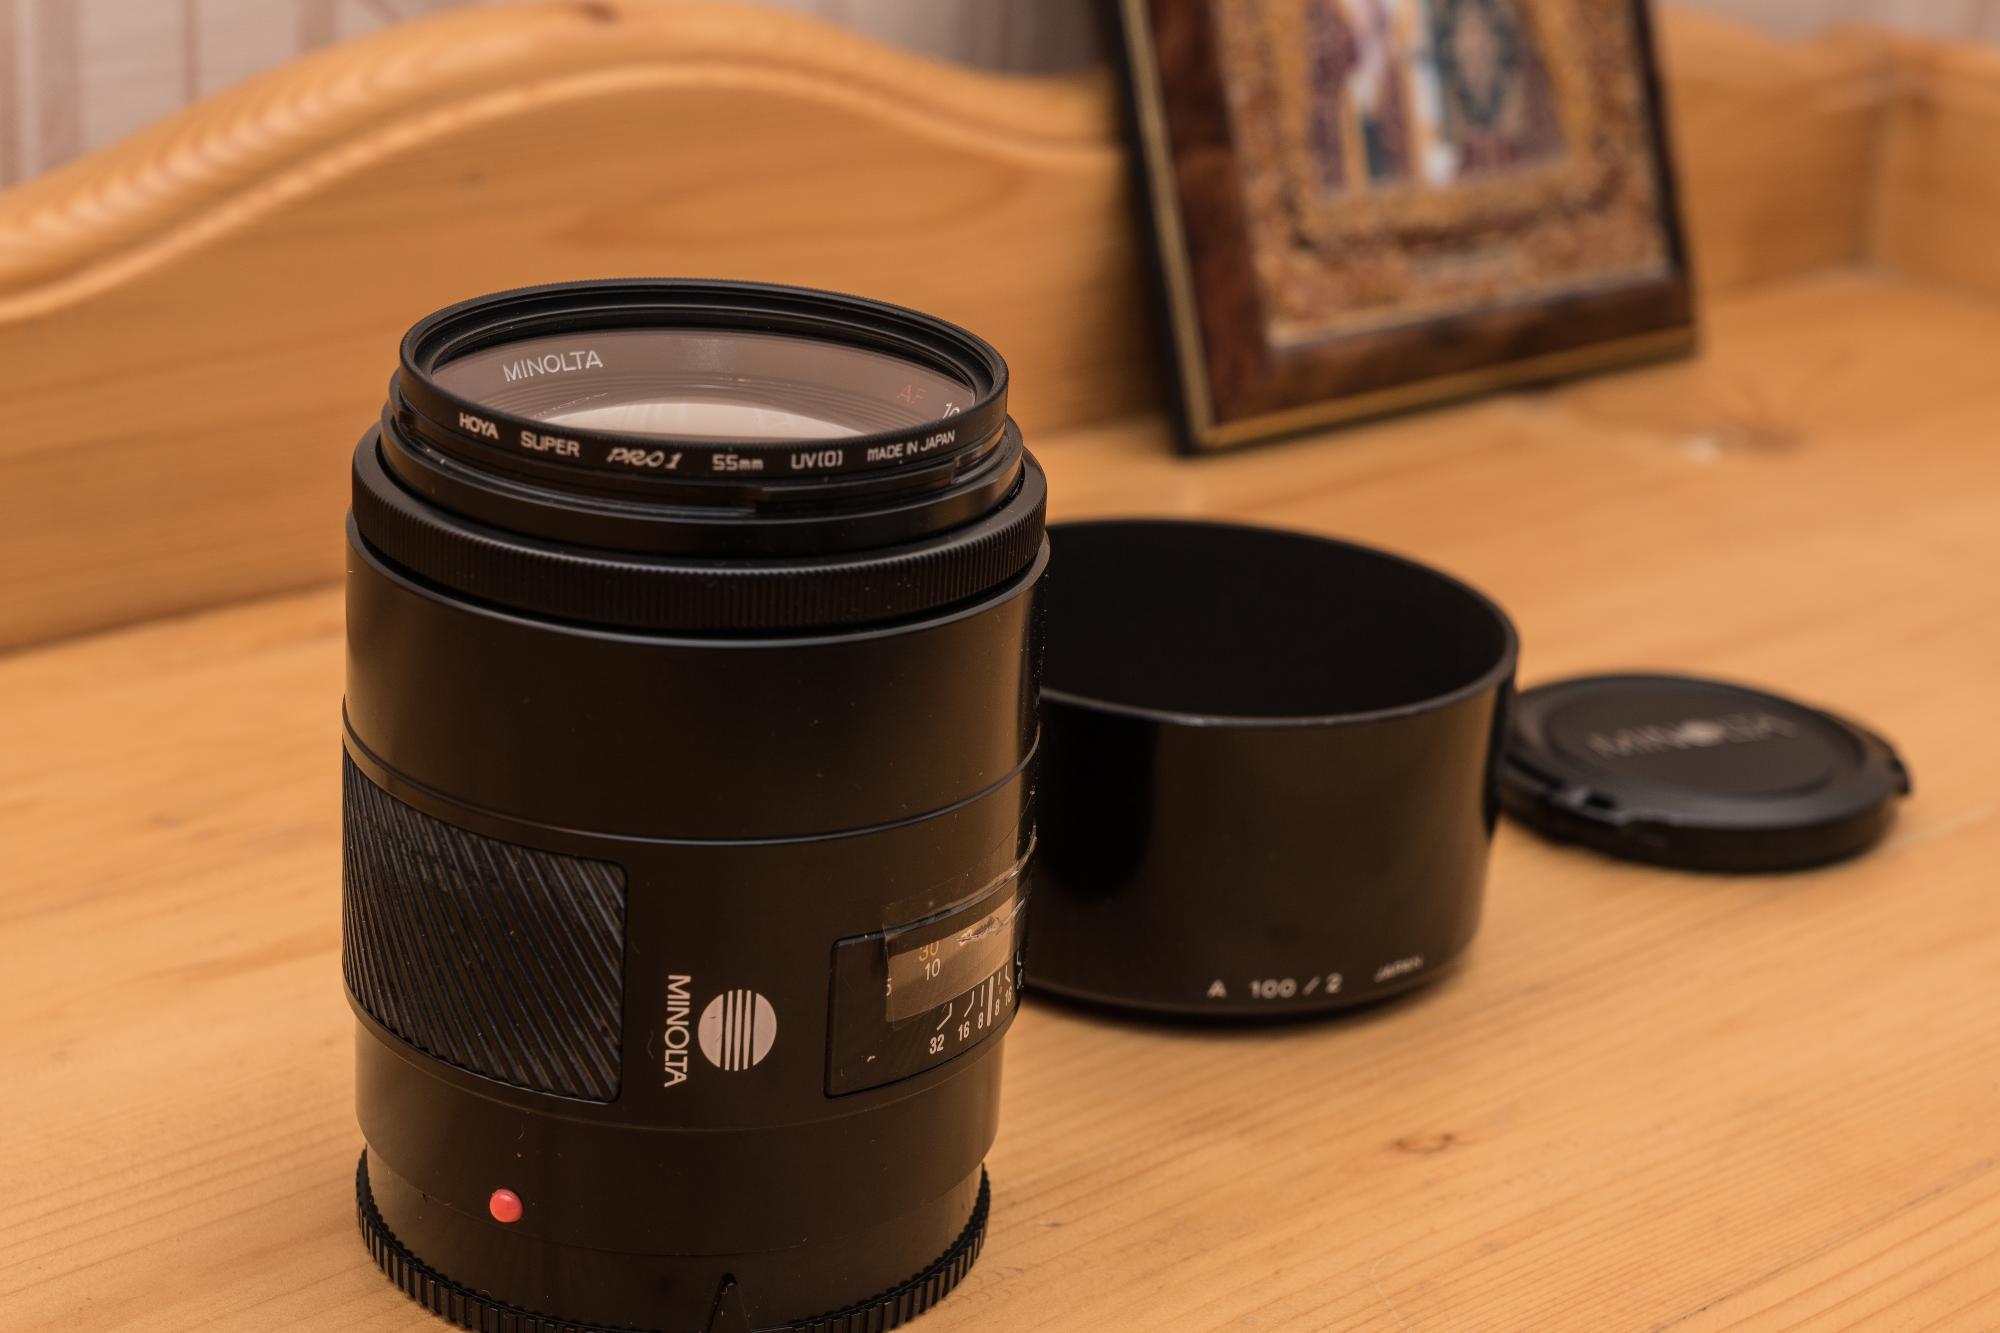 Minolta 100/2 Sony A портретник-шедевратор в Москве 89022832552 купить 2